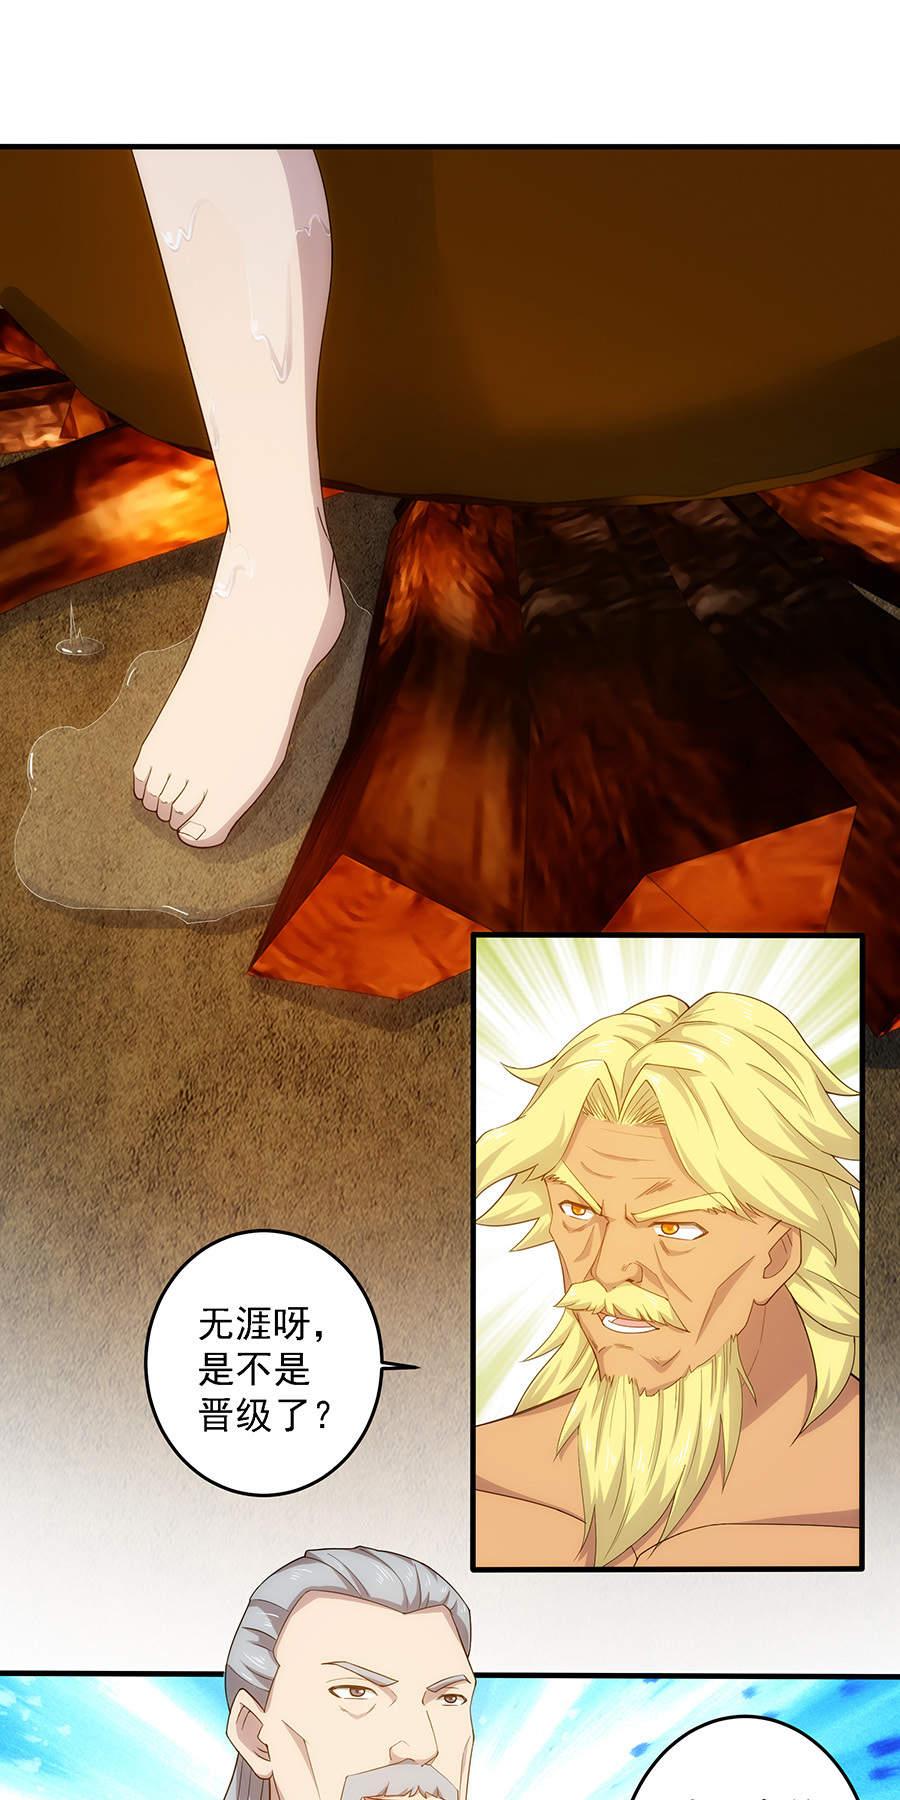 绝世剑神第28话  混乱之城 第 2